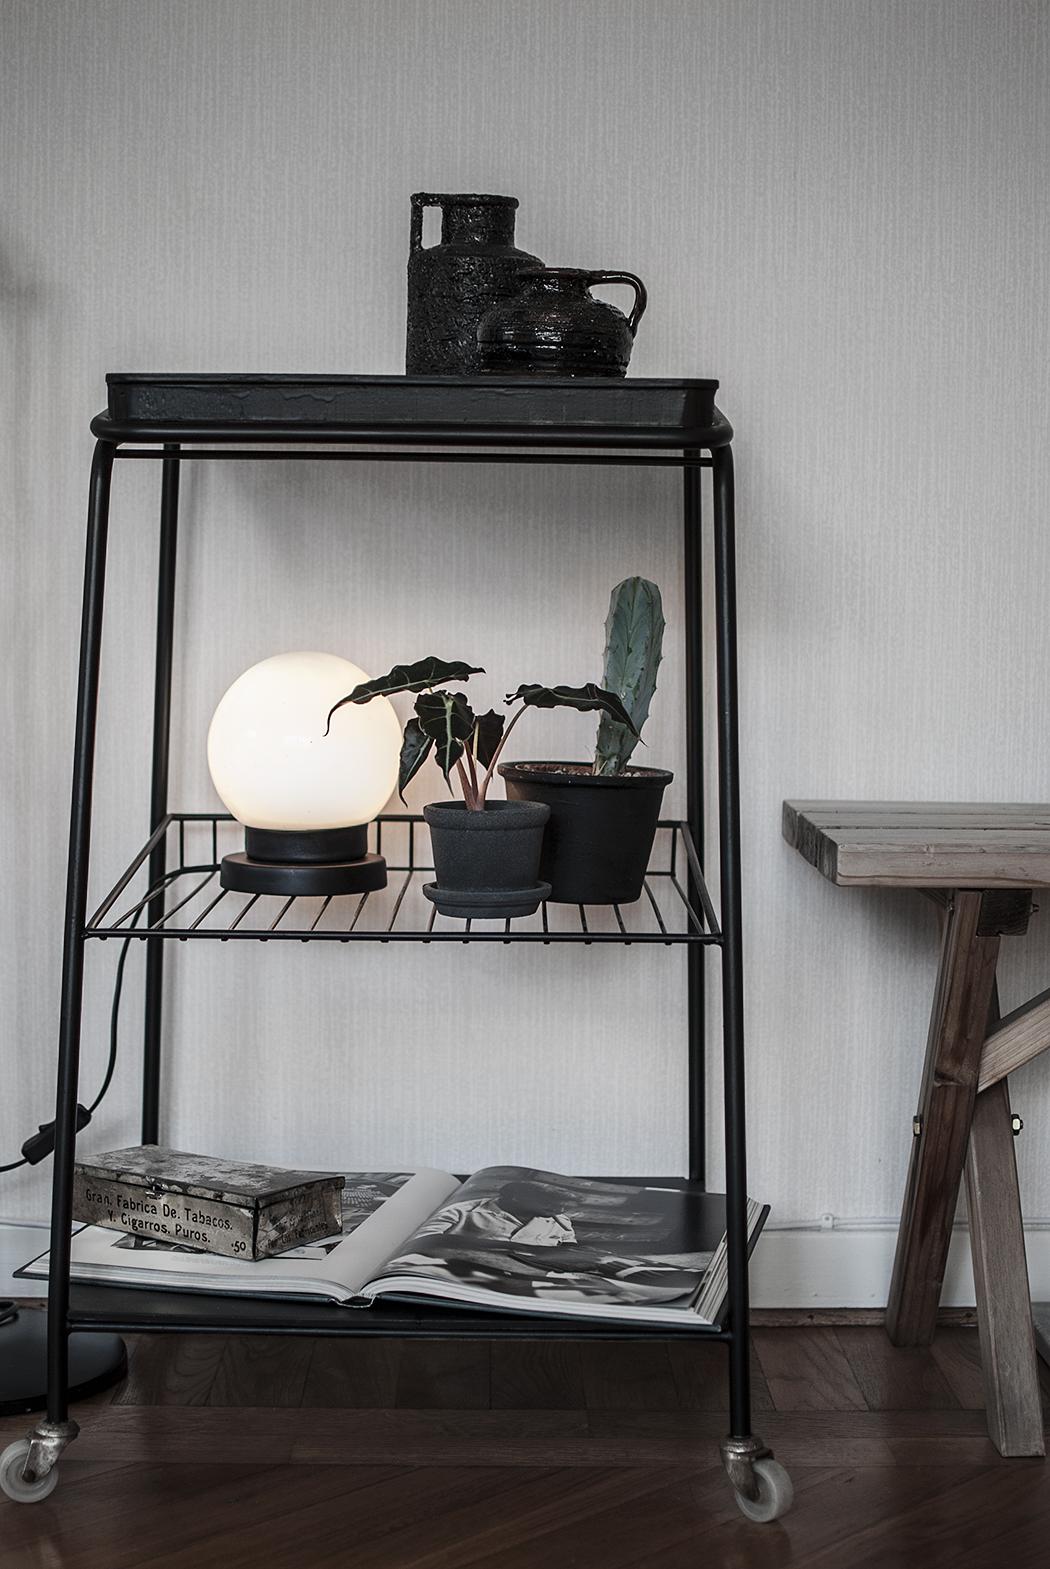 Obs! Var alltid försiktig med lampor om du använt material som kan vara  brandfarligt. Använd glödlampor som inte blir varma e2ccf141582c3